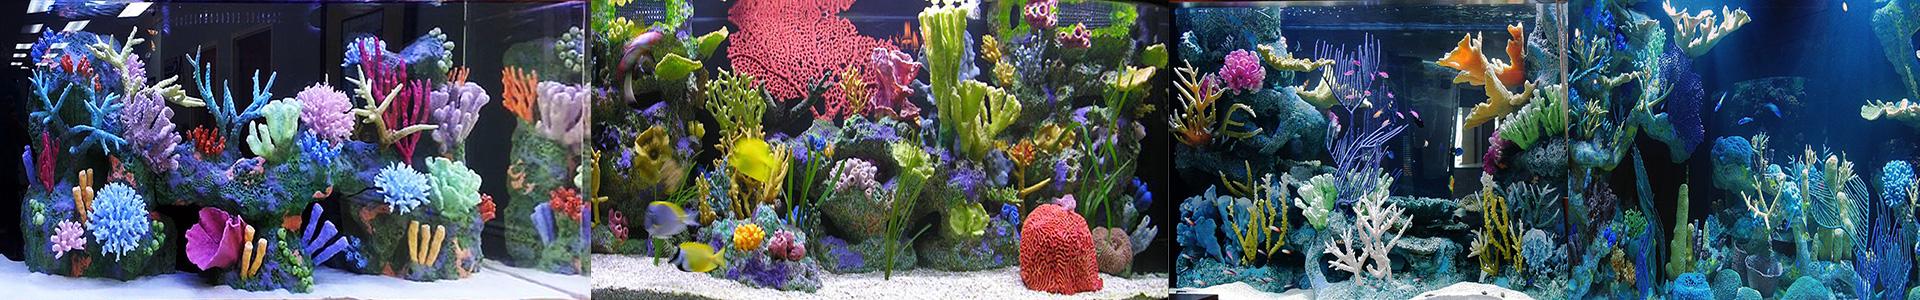 Коралловый риф для аквариума купить